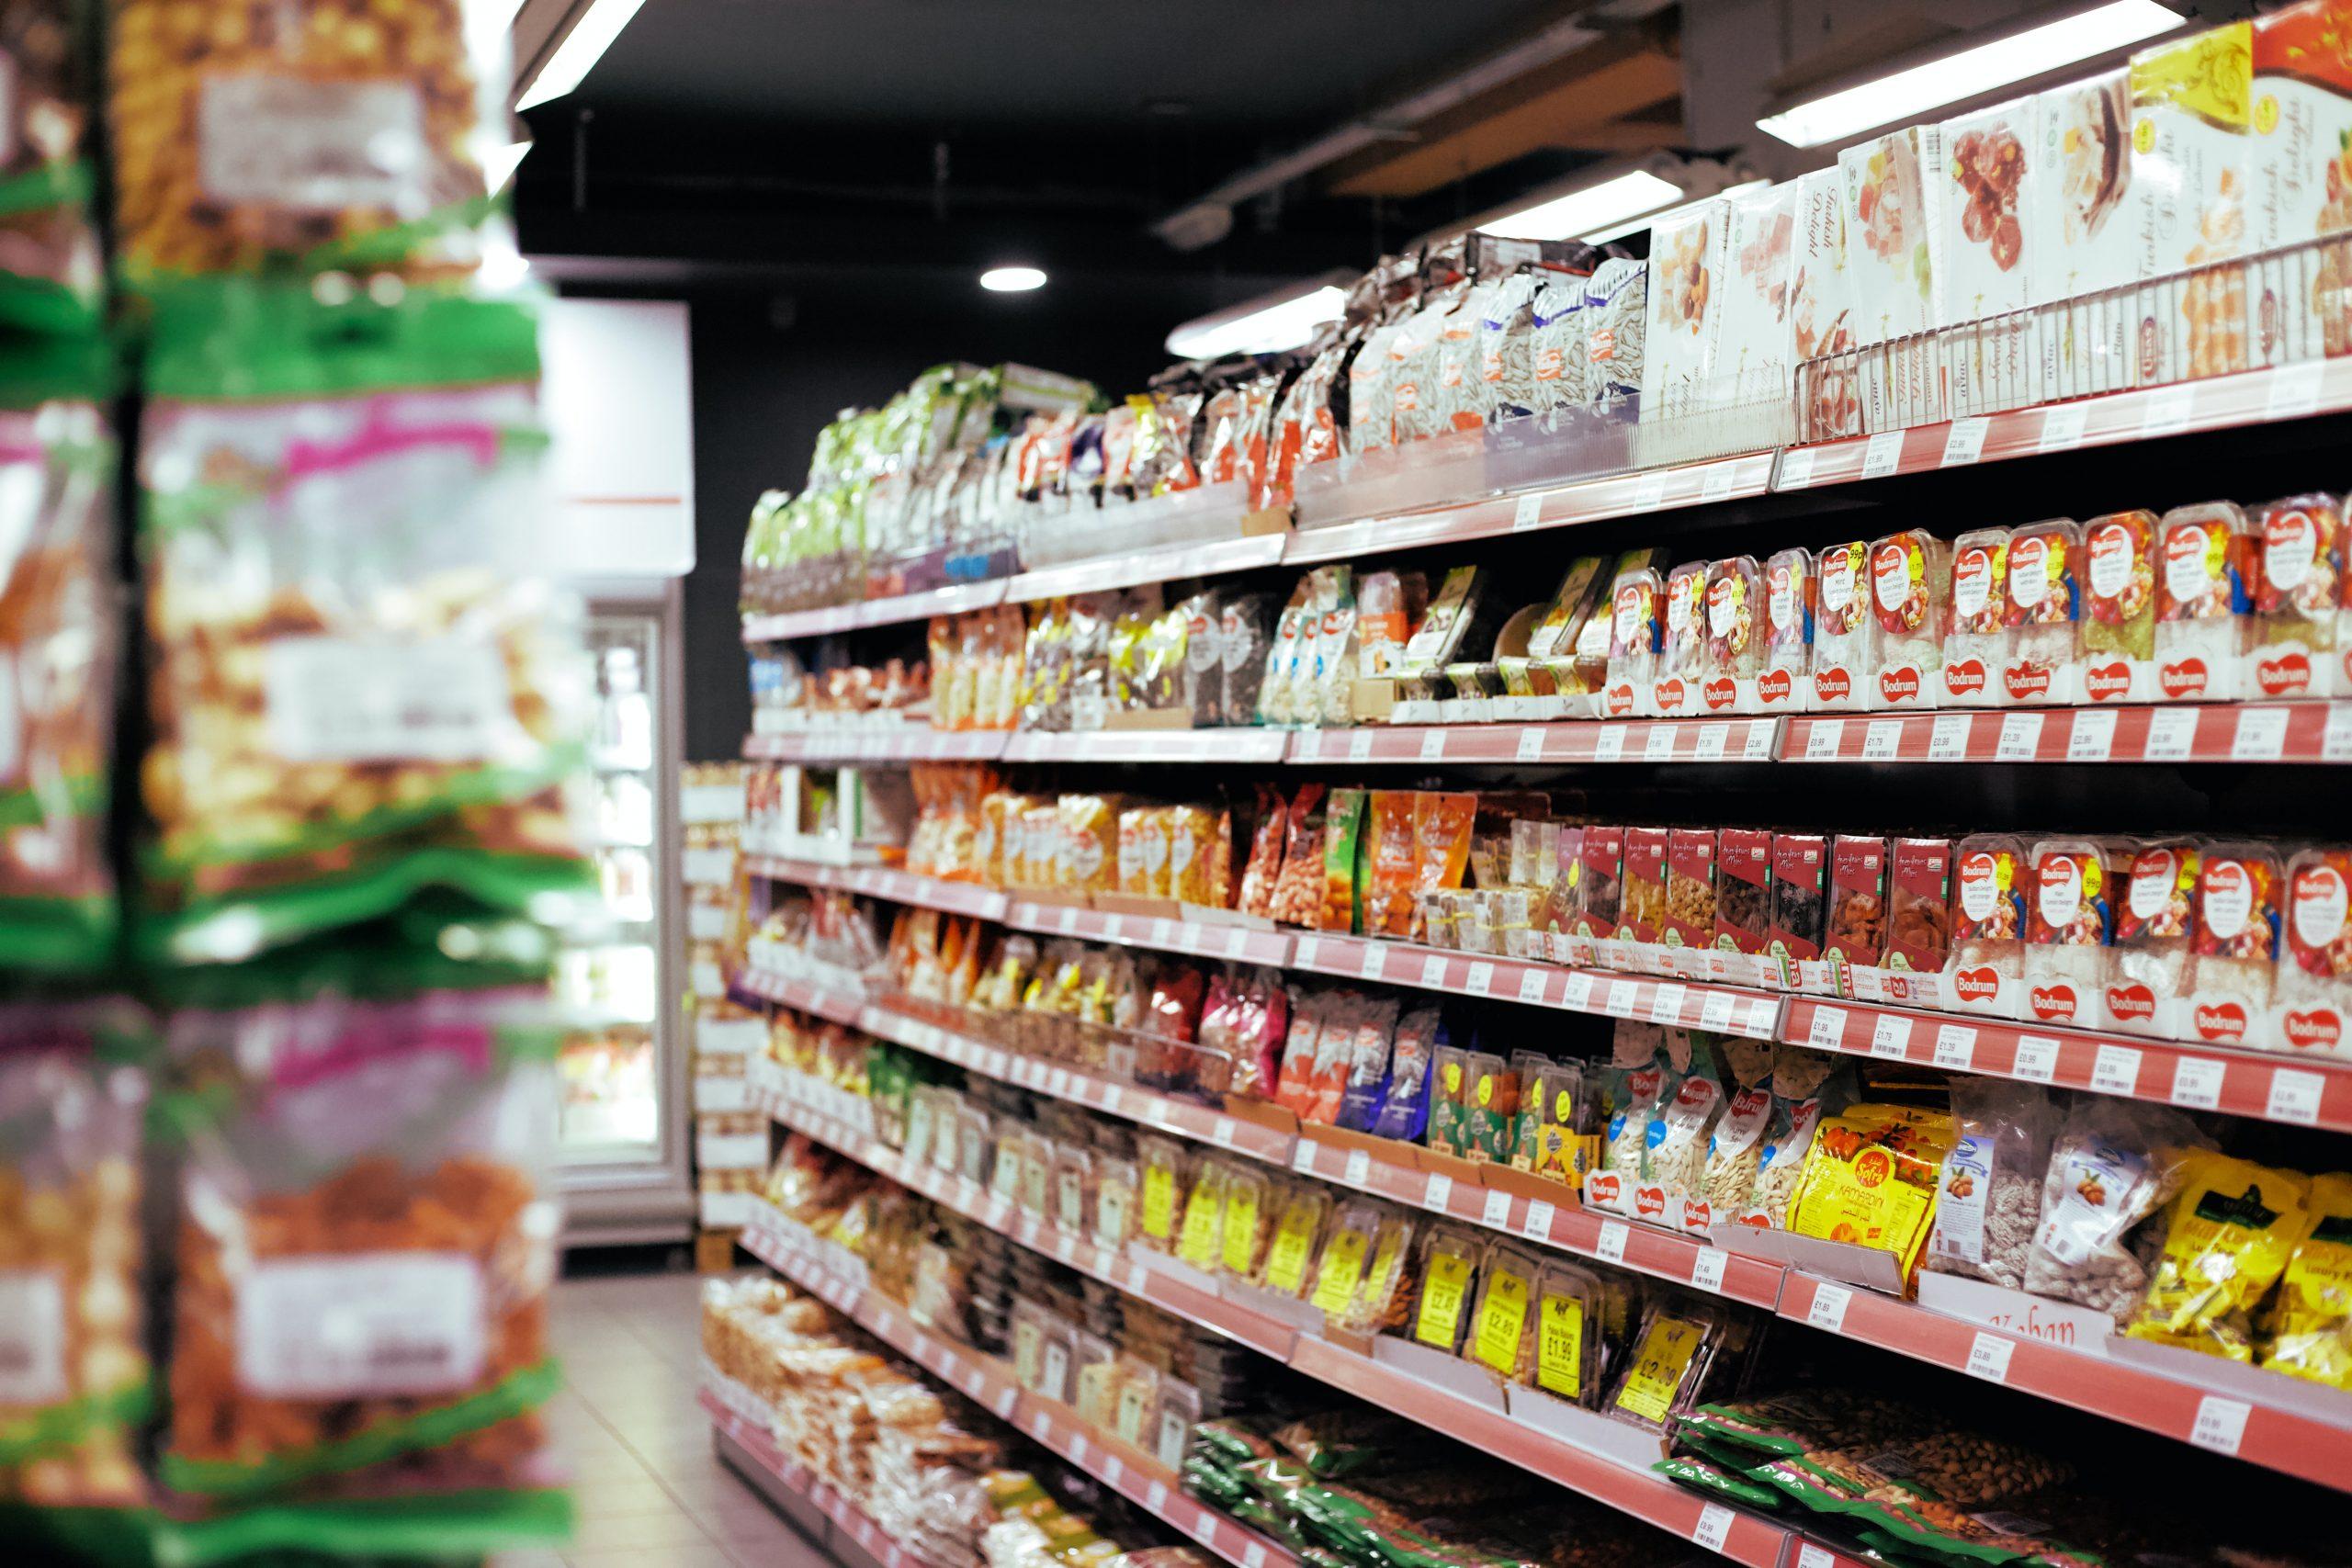 ¡Crack! Empleada de supermercado anuncia su renuncia en el megáfono y acusa a compañeros de racismo